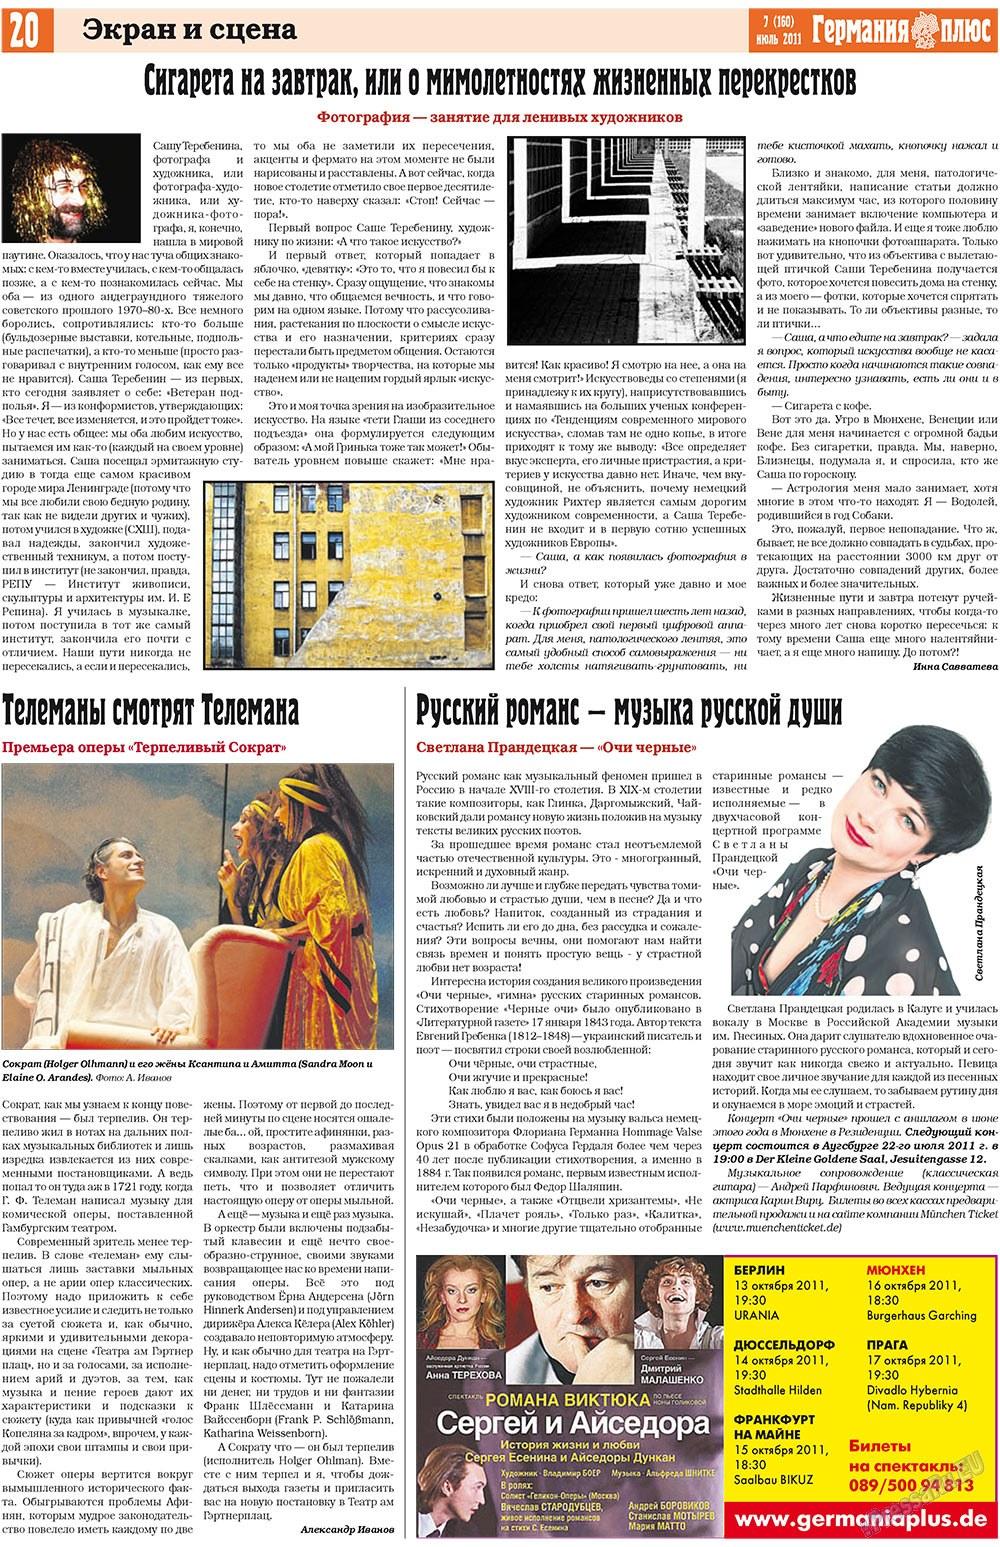 Германия плюс (газета). 2011 год, номер 7, стр. 20